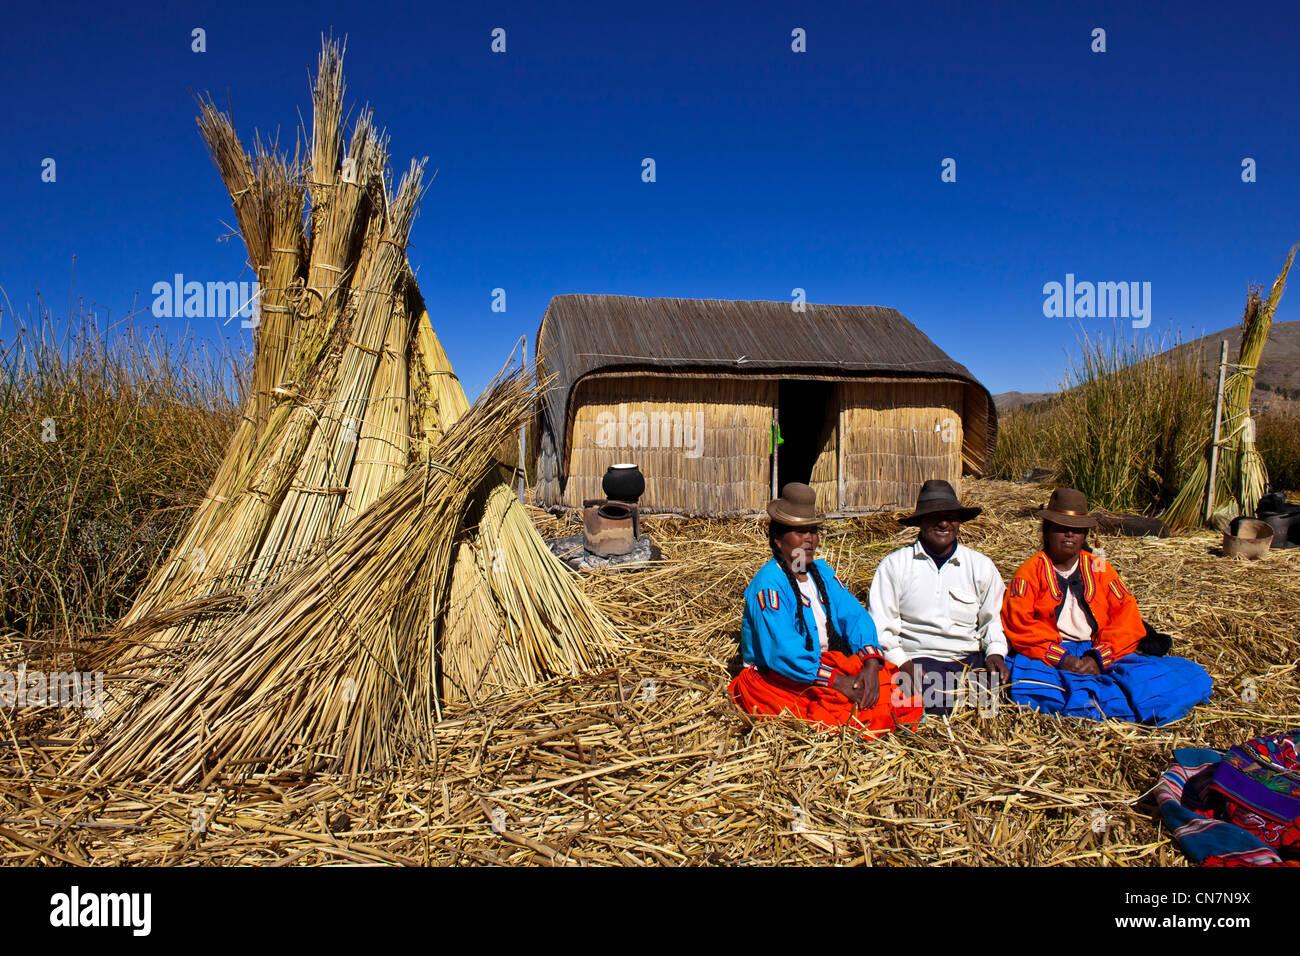 Perú, provincia de Puno, descendientes de los indios Uros viven en islas floatting de totora en el lago Titicaca, Foto de stock